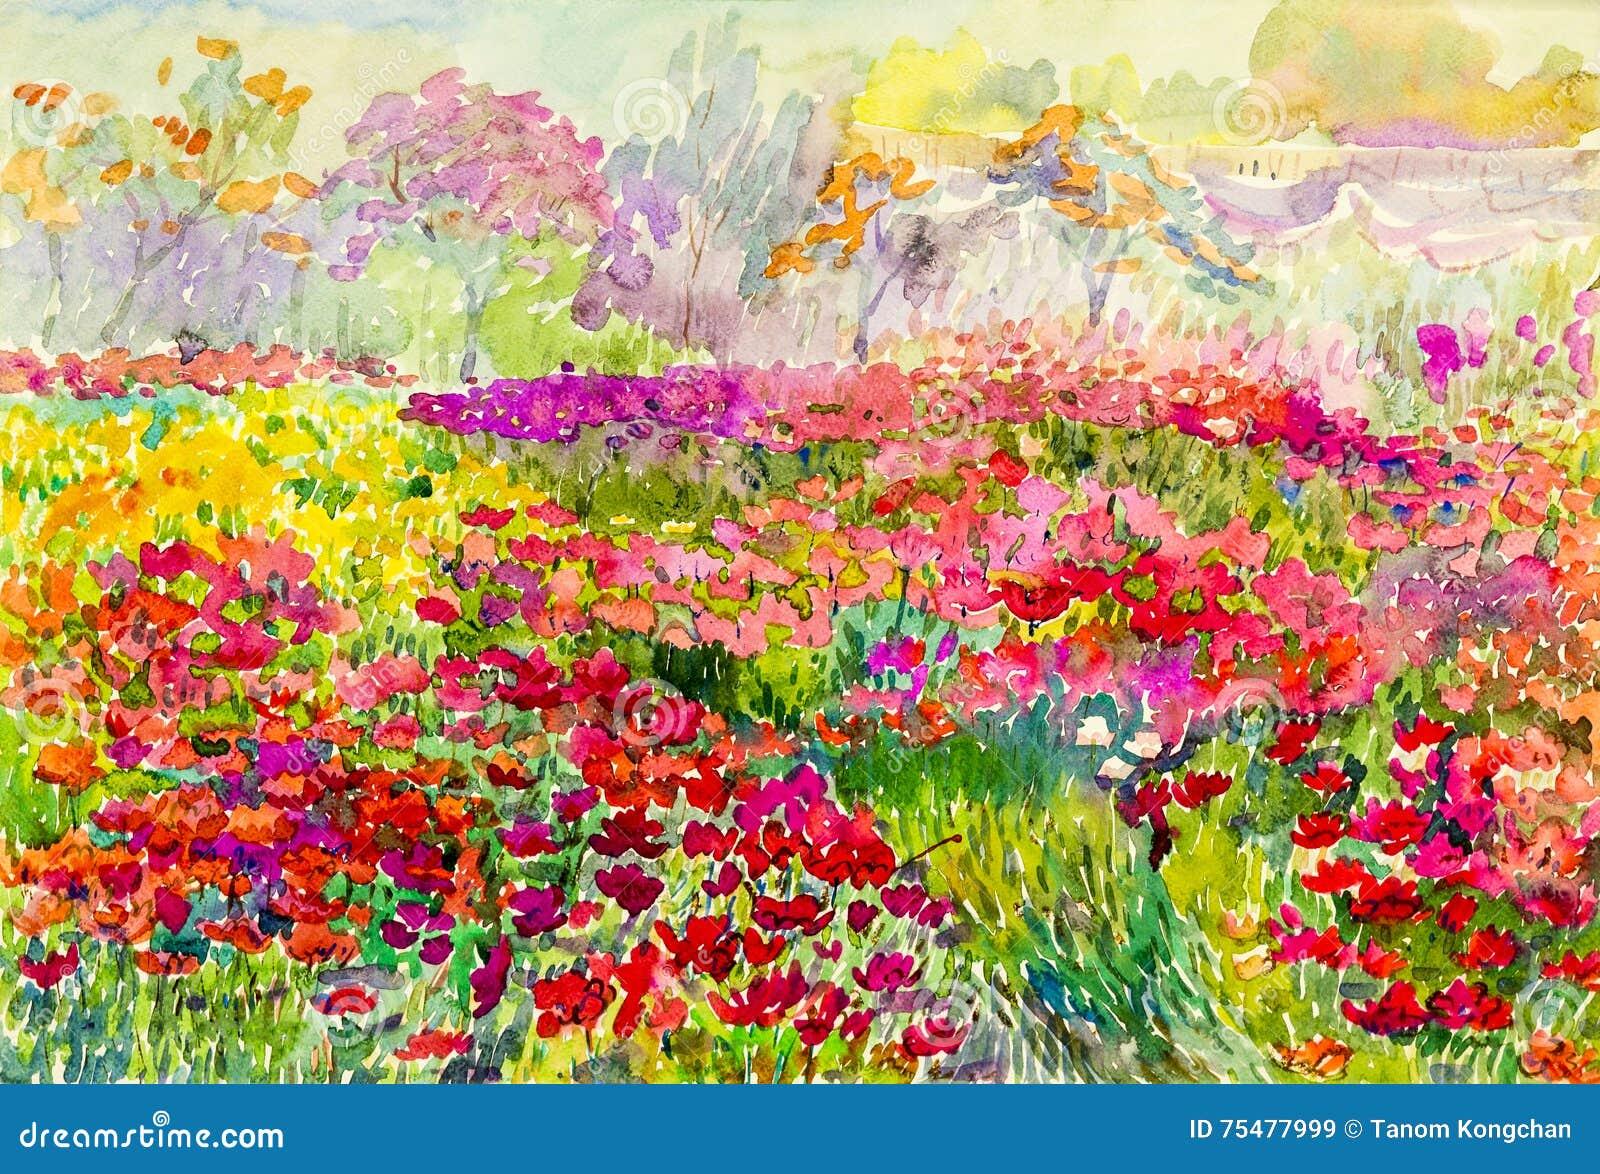 Aquarelle peignant le paysage original coloré des gisements de fleurs dans le jardin